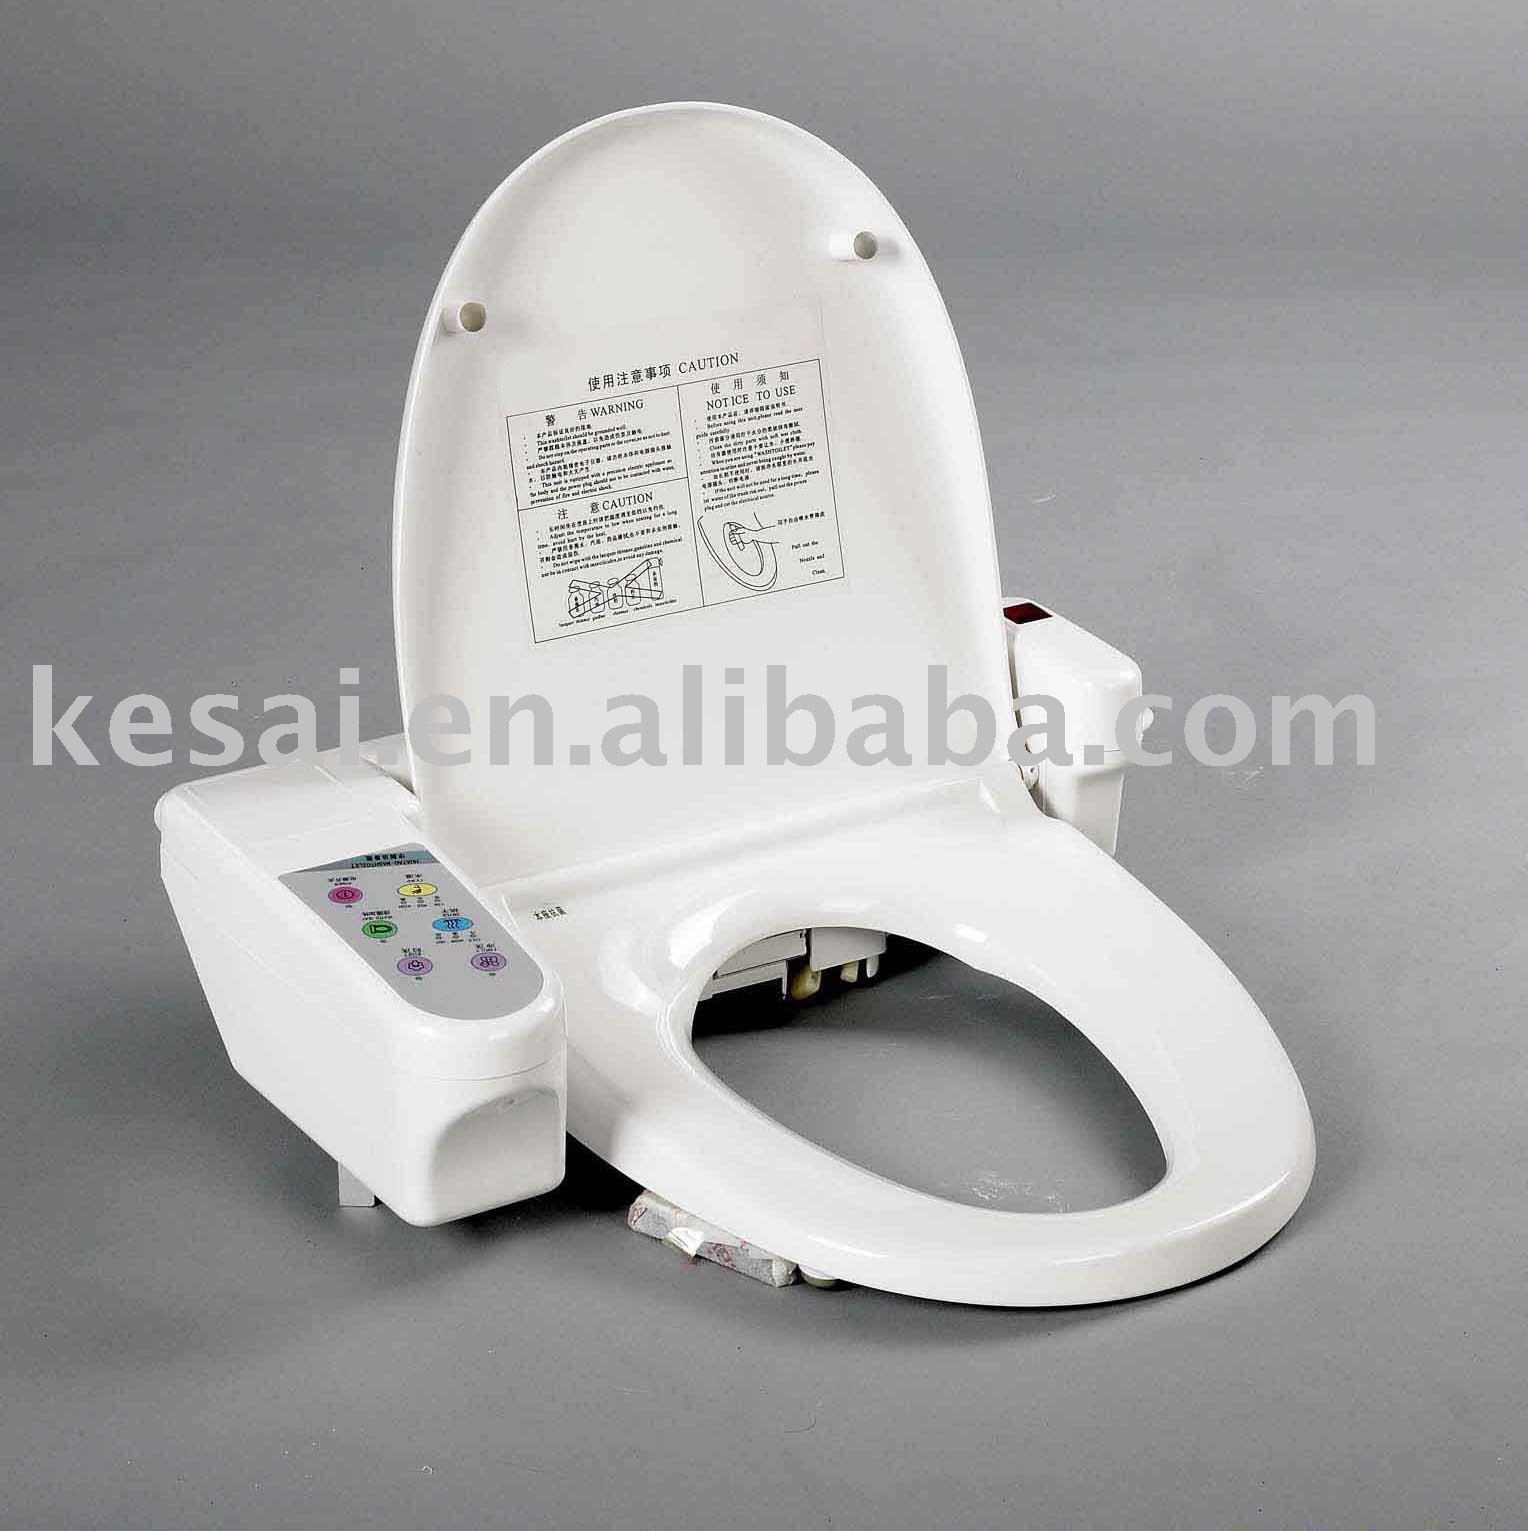 Doccia automatica sedile del water bidet intelligente toilet seat sedie di toletta id prodotto - Automatic bidet toilet seat ...